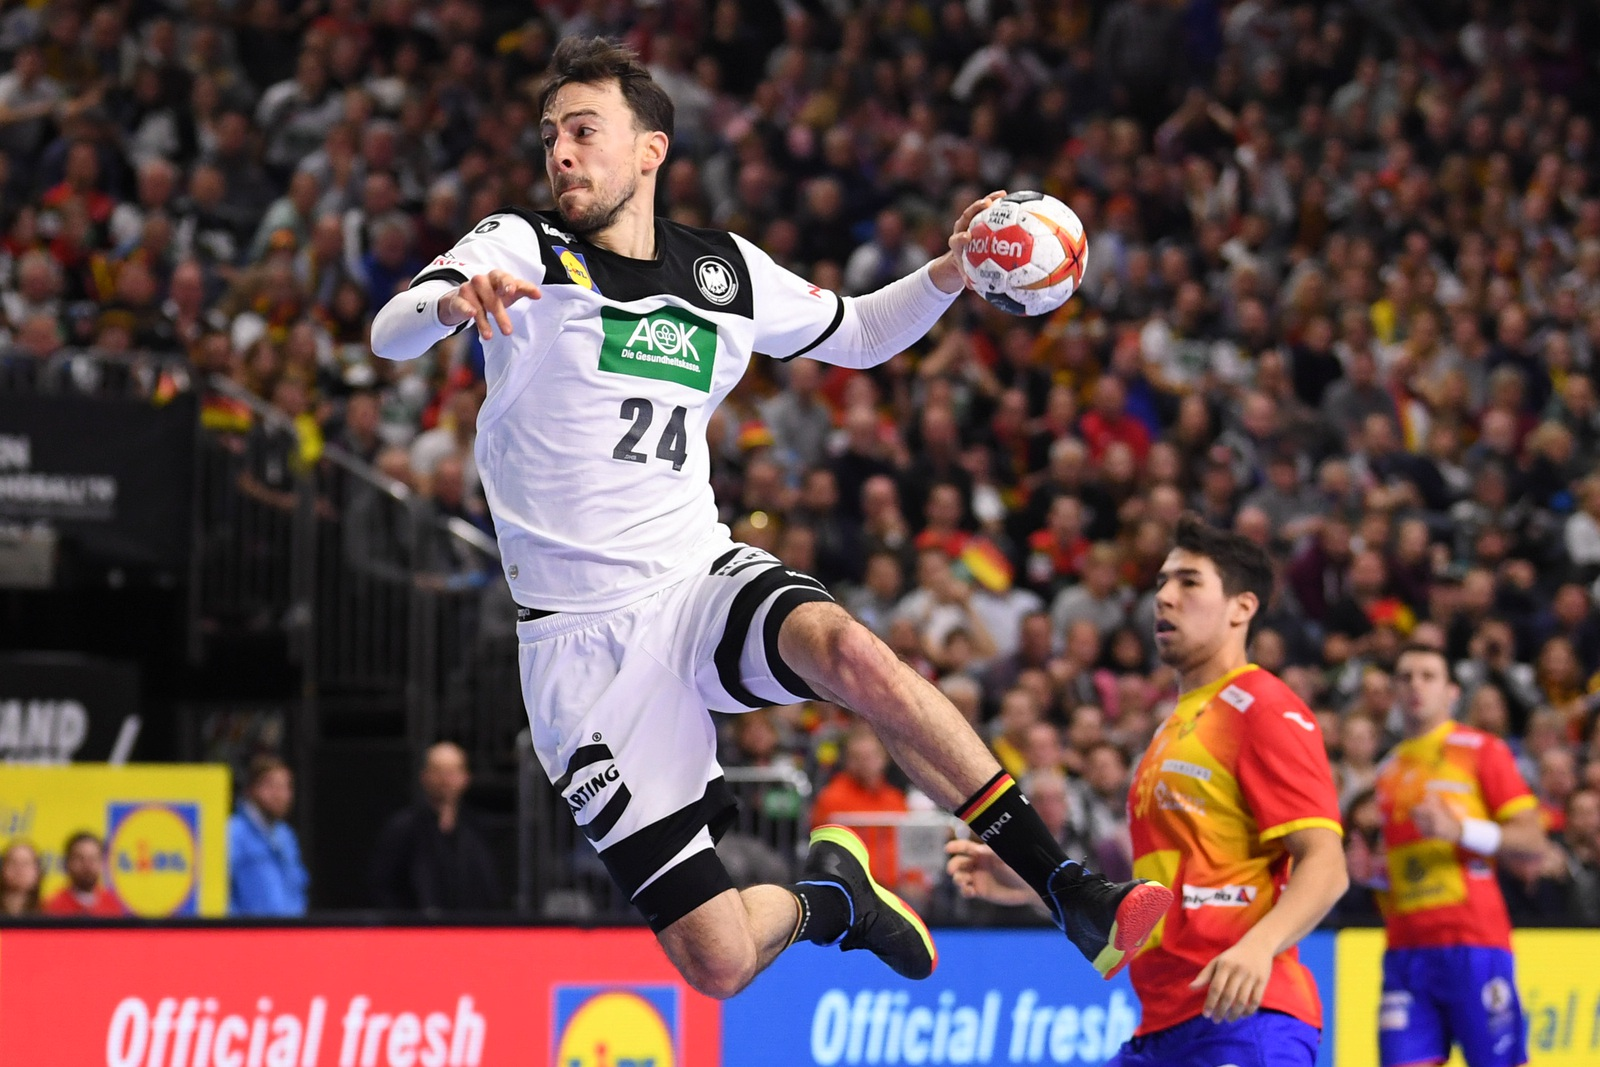 übertragung Handball Wm 2019